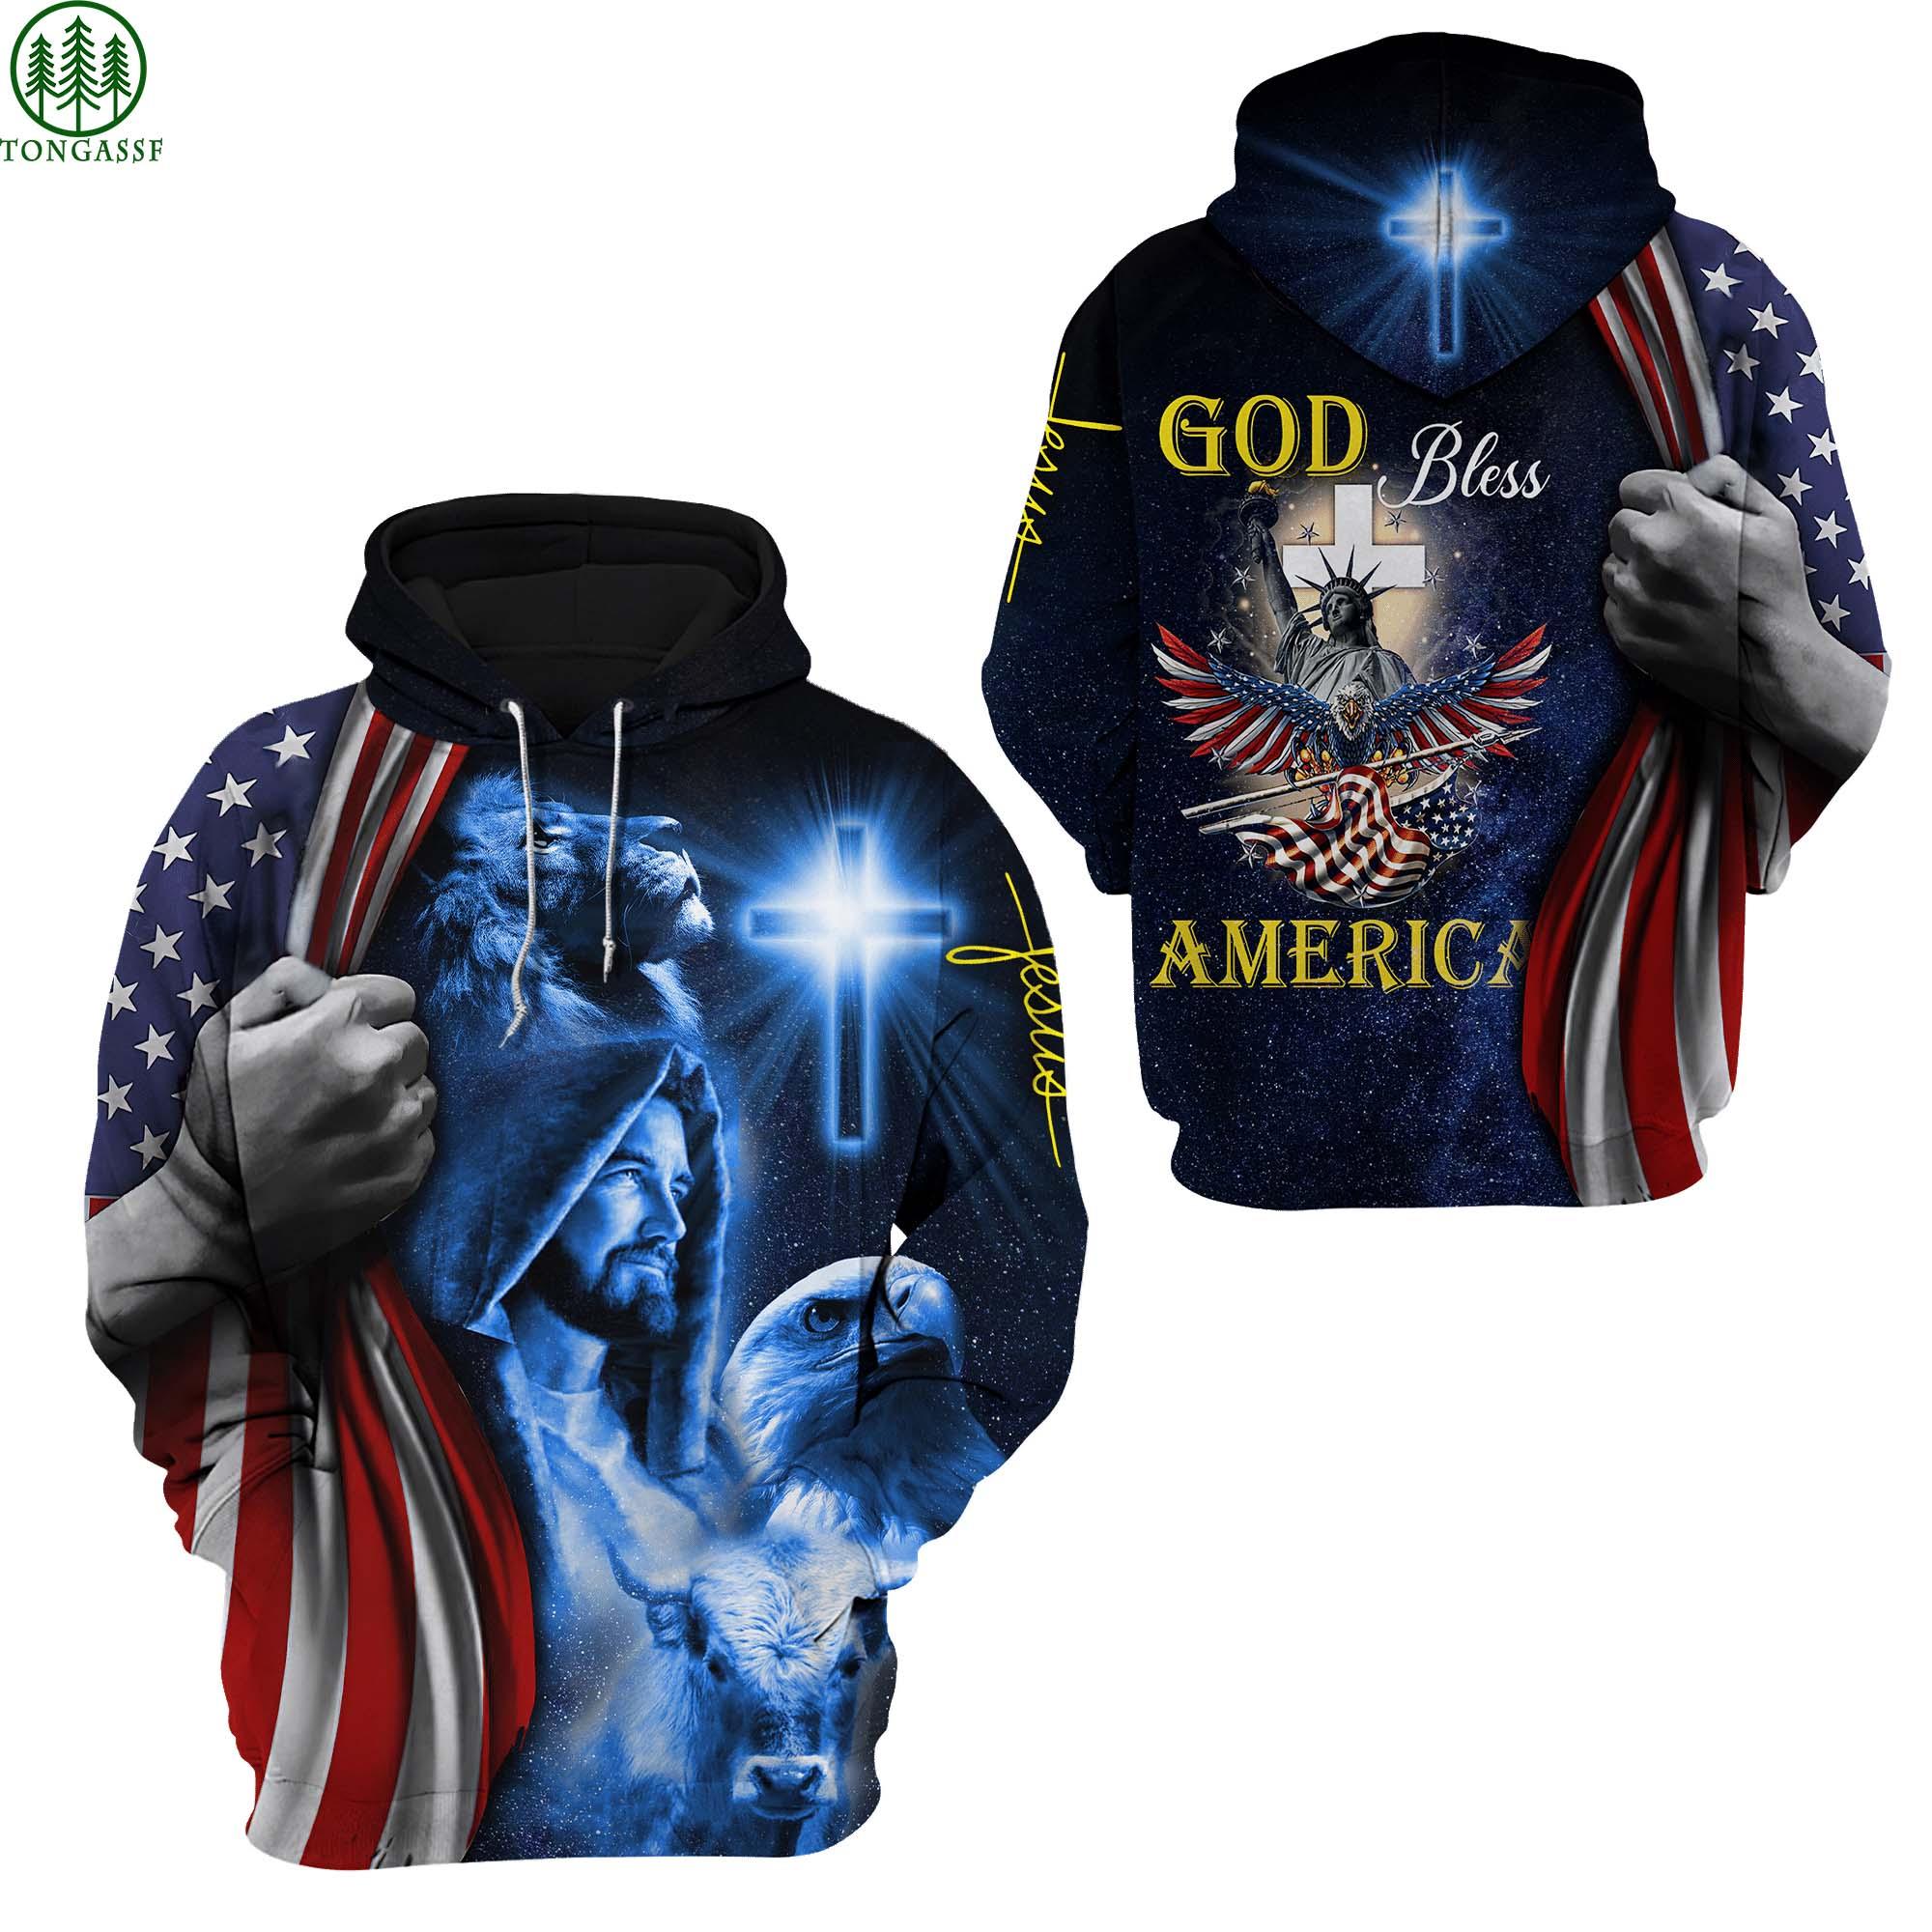 Top 14 trending hoodies 4th August Part 2